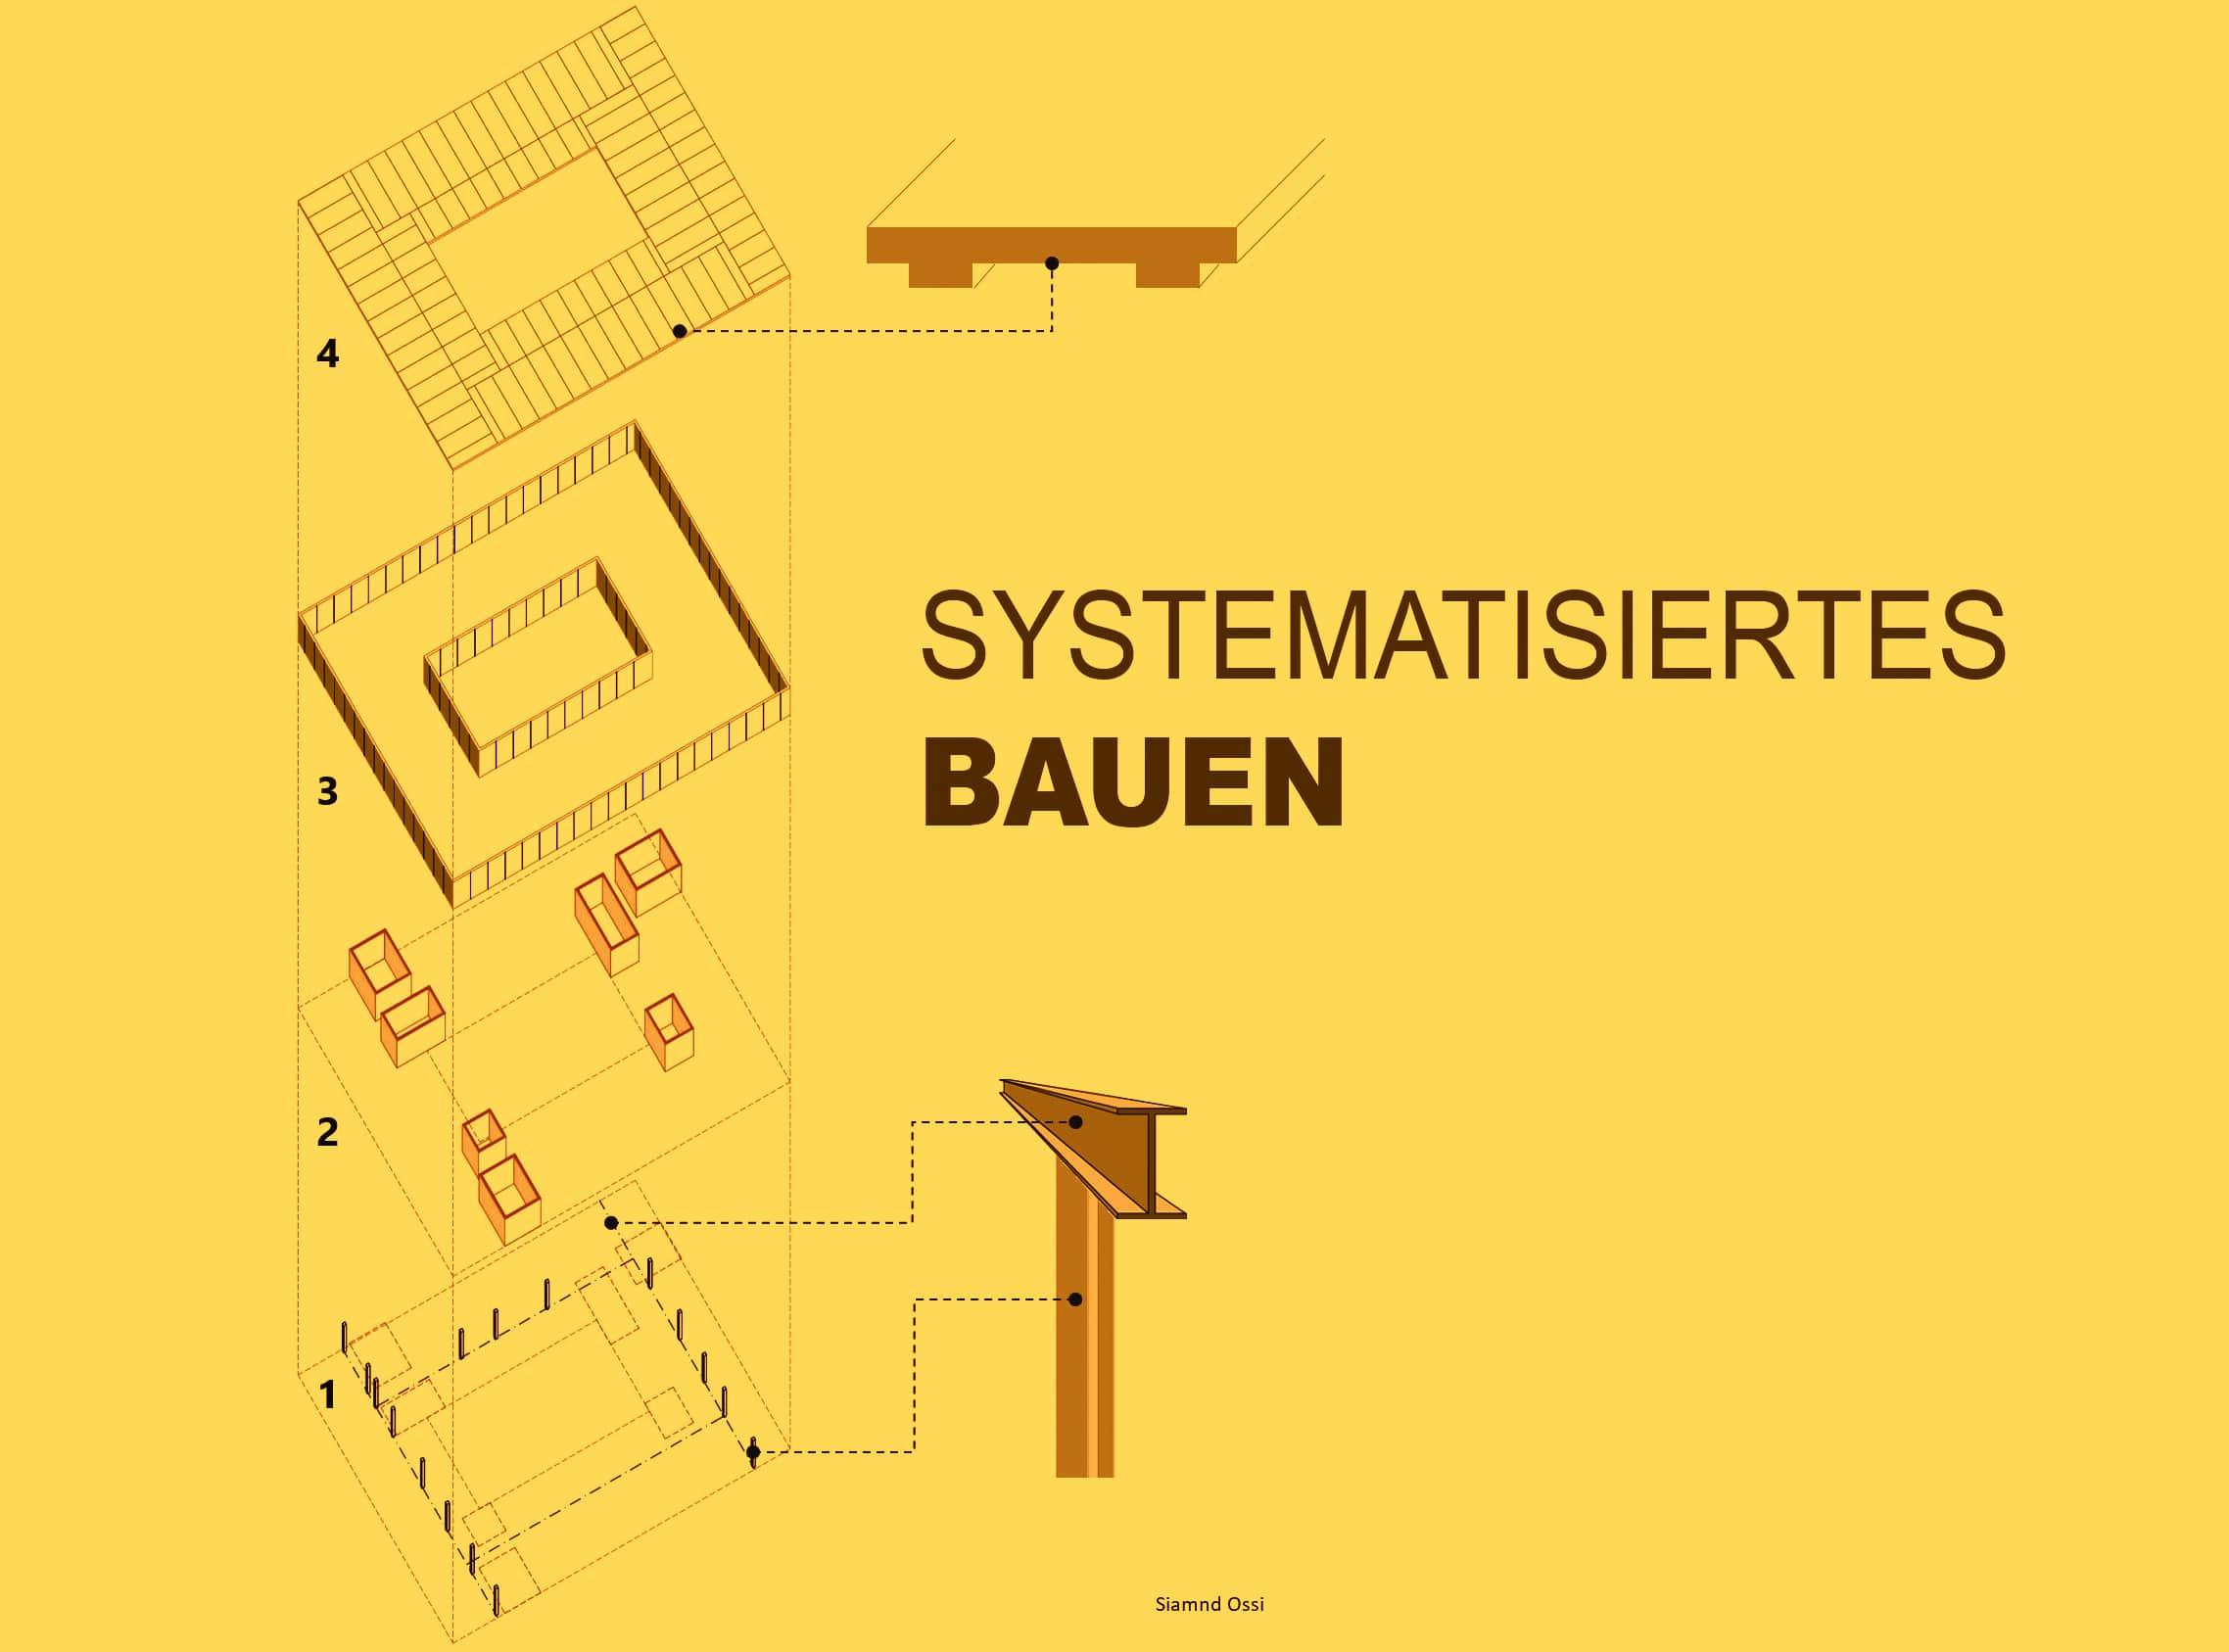 Der systematisierte Verwaltungs- und Bürobau